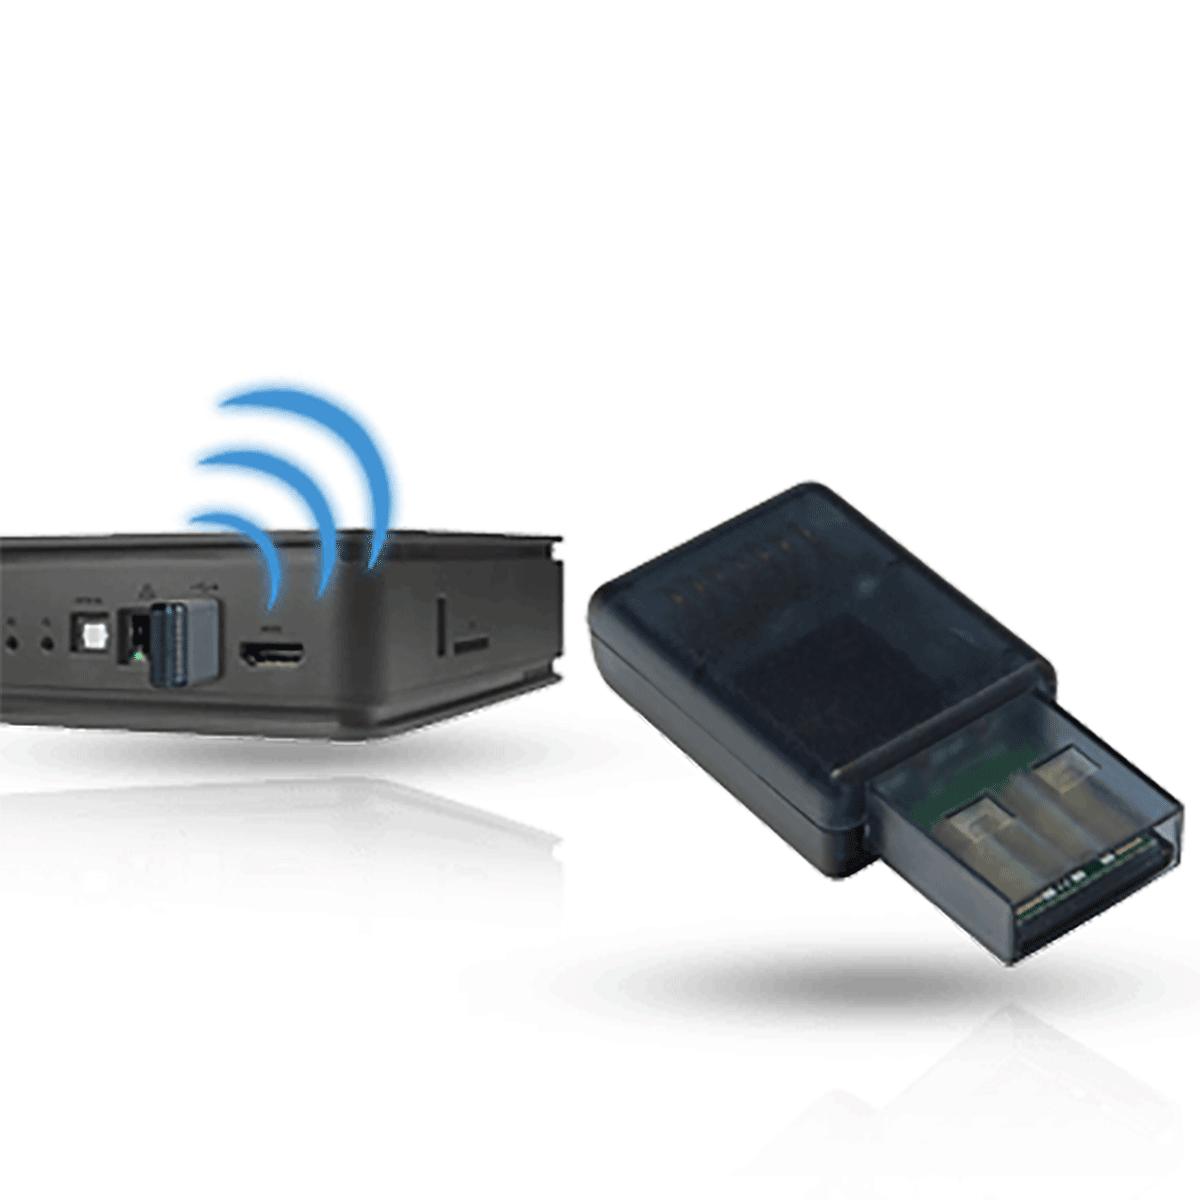 Rademacher USB-Stick für Homepilot 2, zur Nachrüstung der Funktechnik Z-Wave